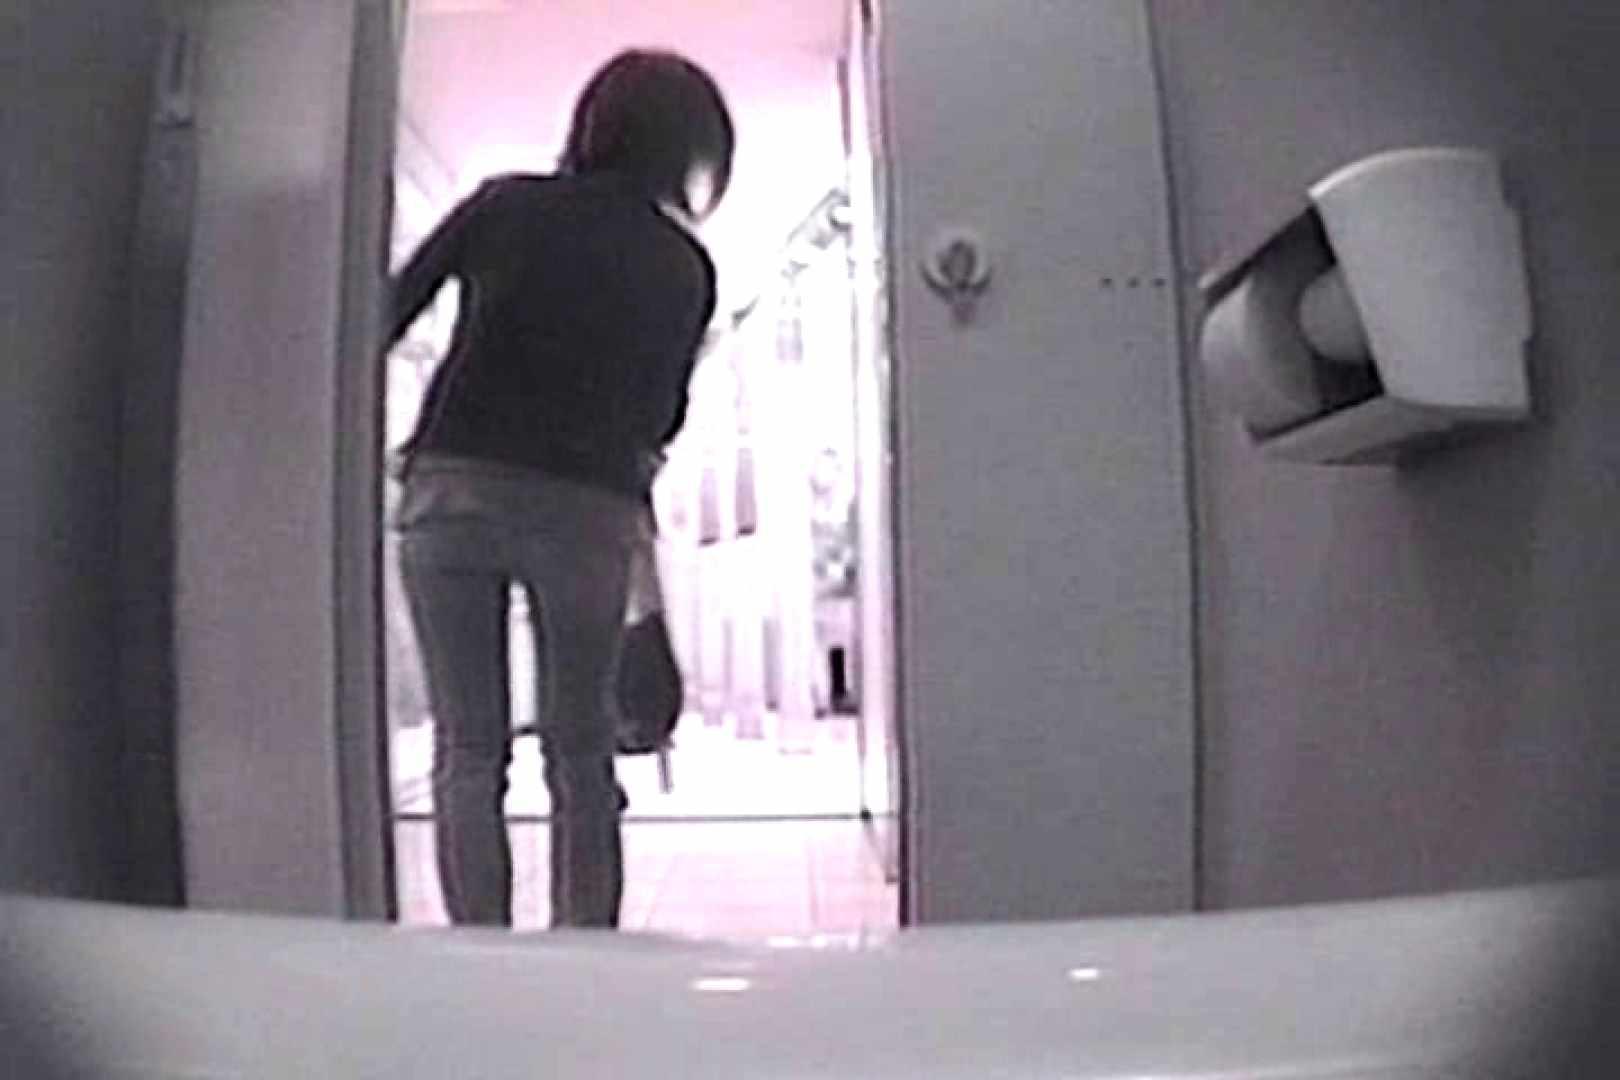 個室狂いのマニア映像Vol.4 エロティックなOL 盗撮画像 61画像 44